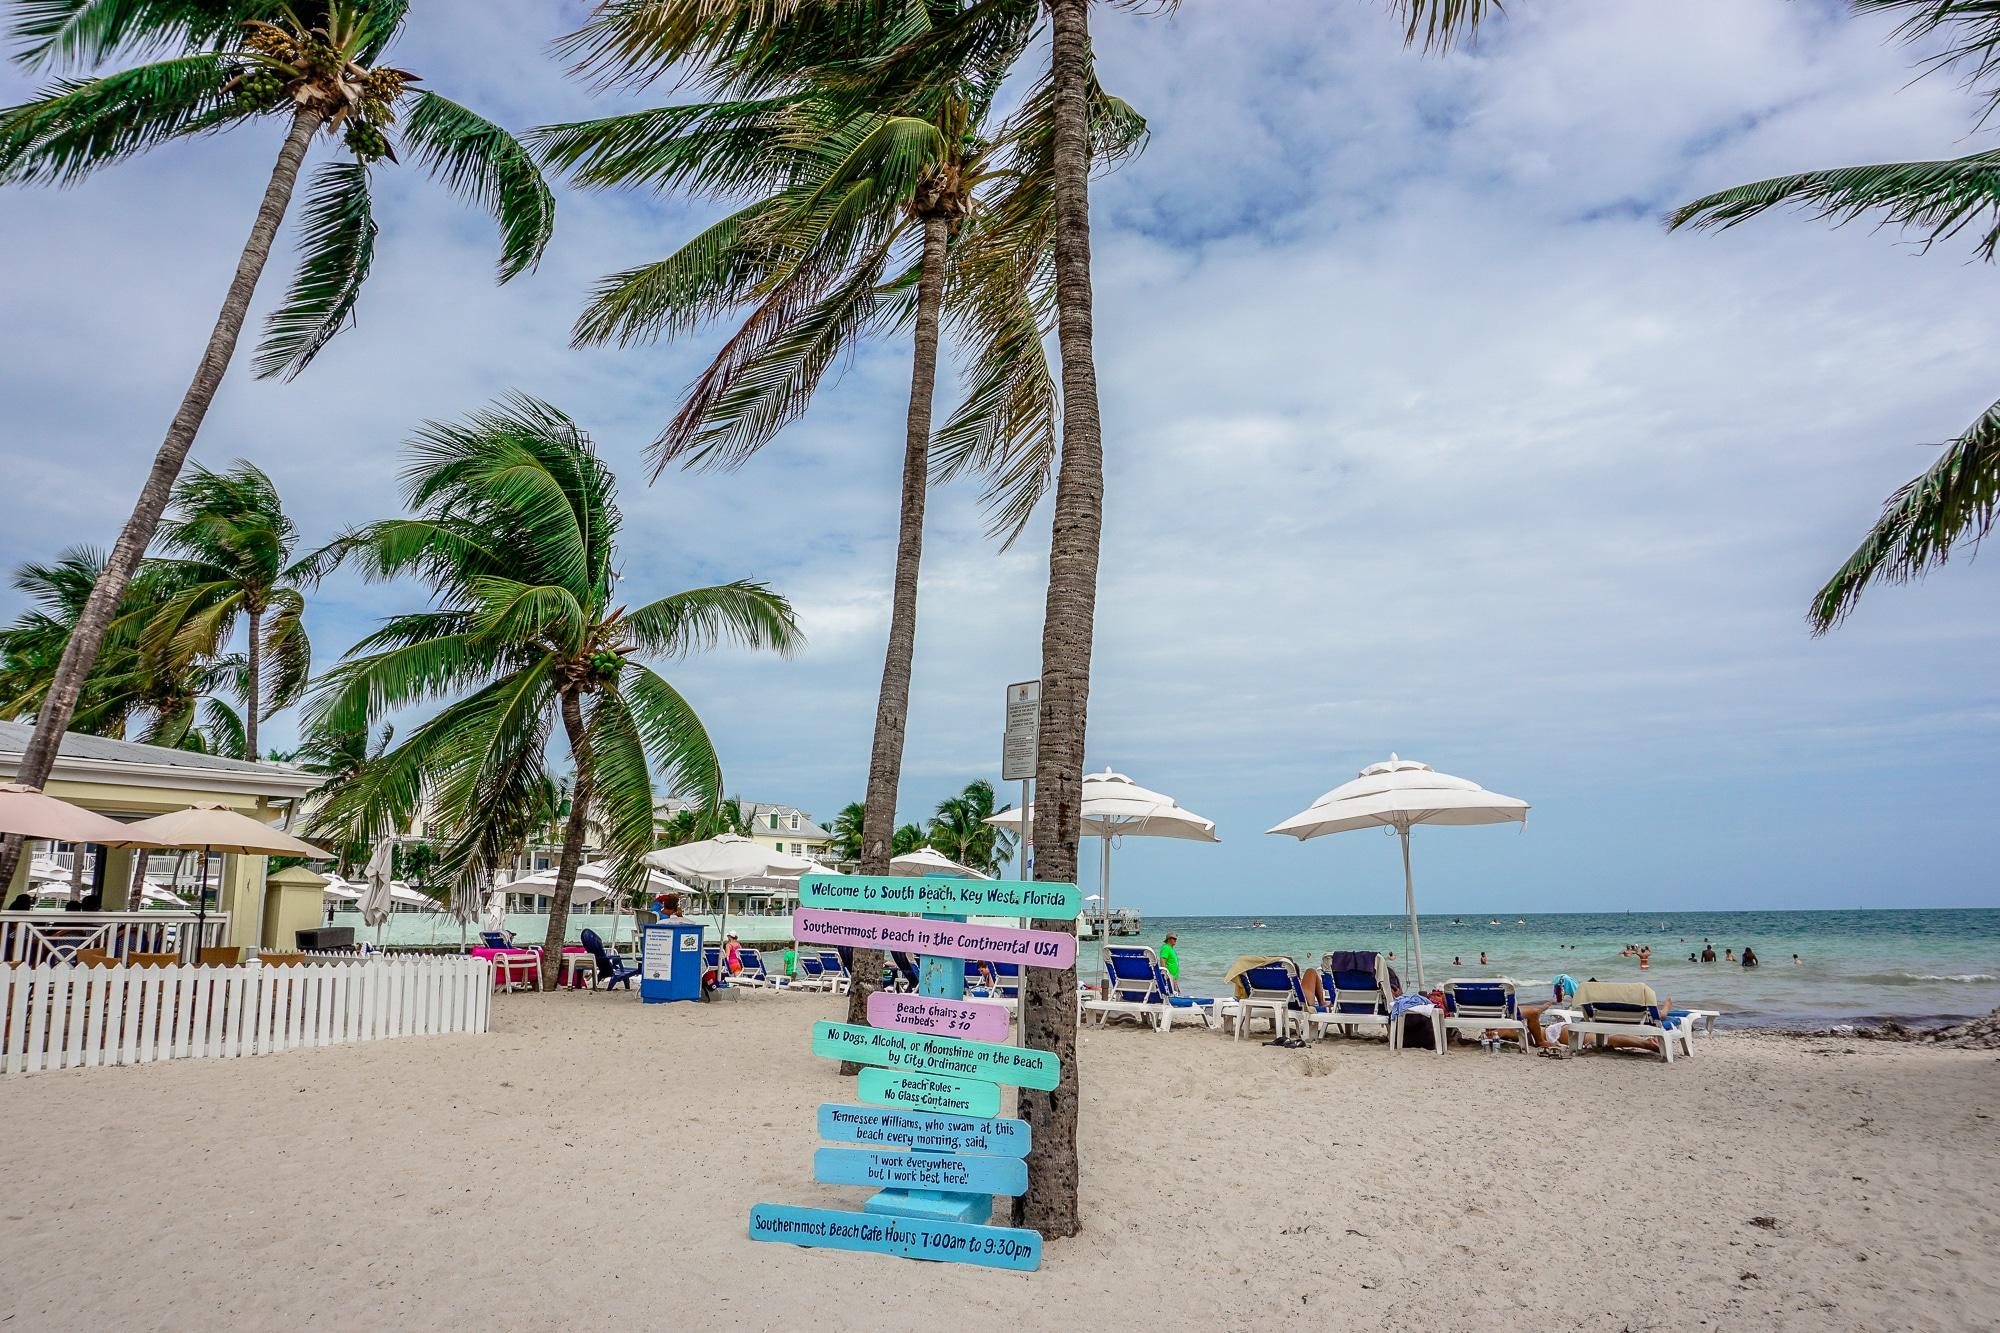 Key West Top Ten Sehenswürdigkeiten, Aktivitäten und Things to do - Florida Keys